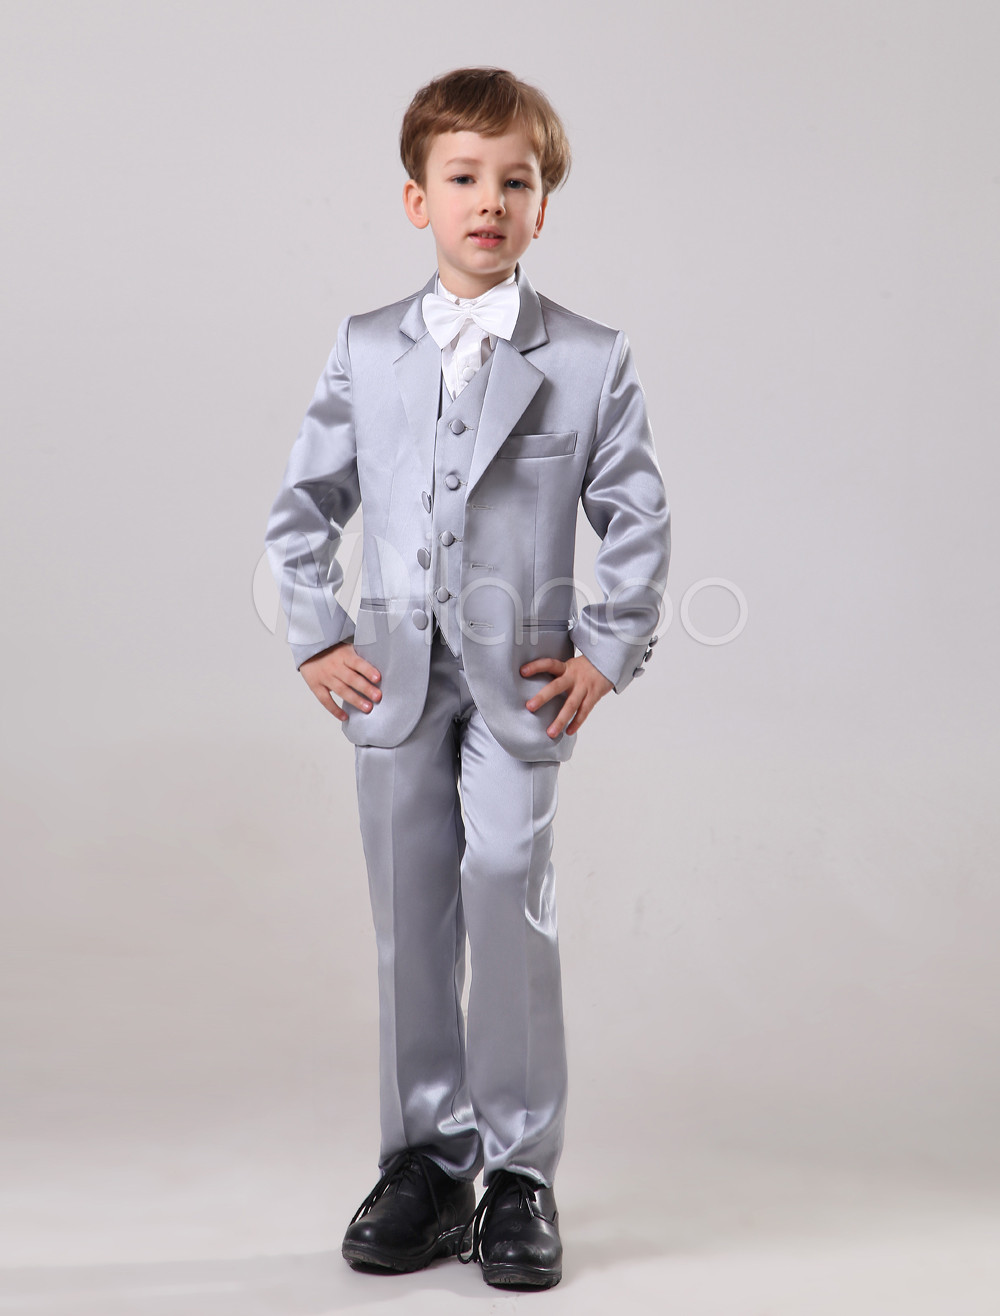 Elegant Silver Satin Wedding Ring Bearer Suits